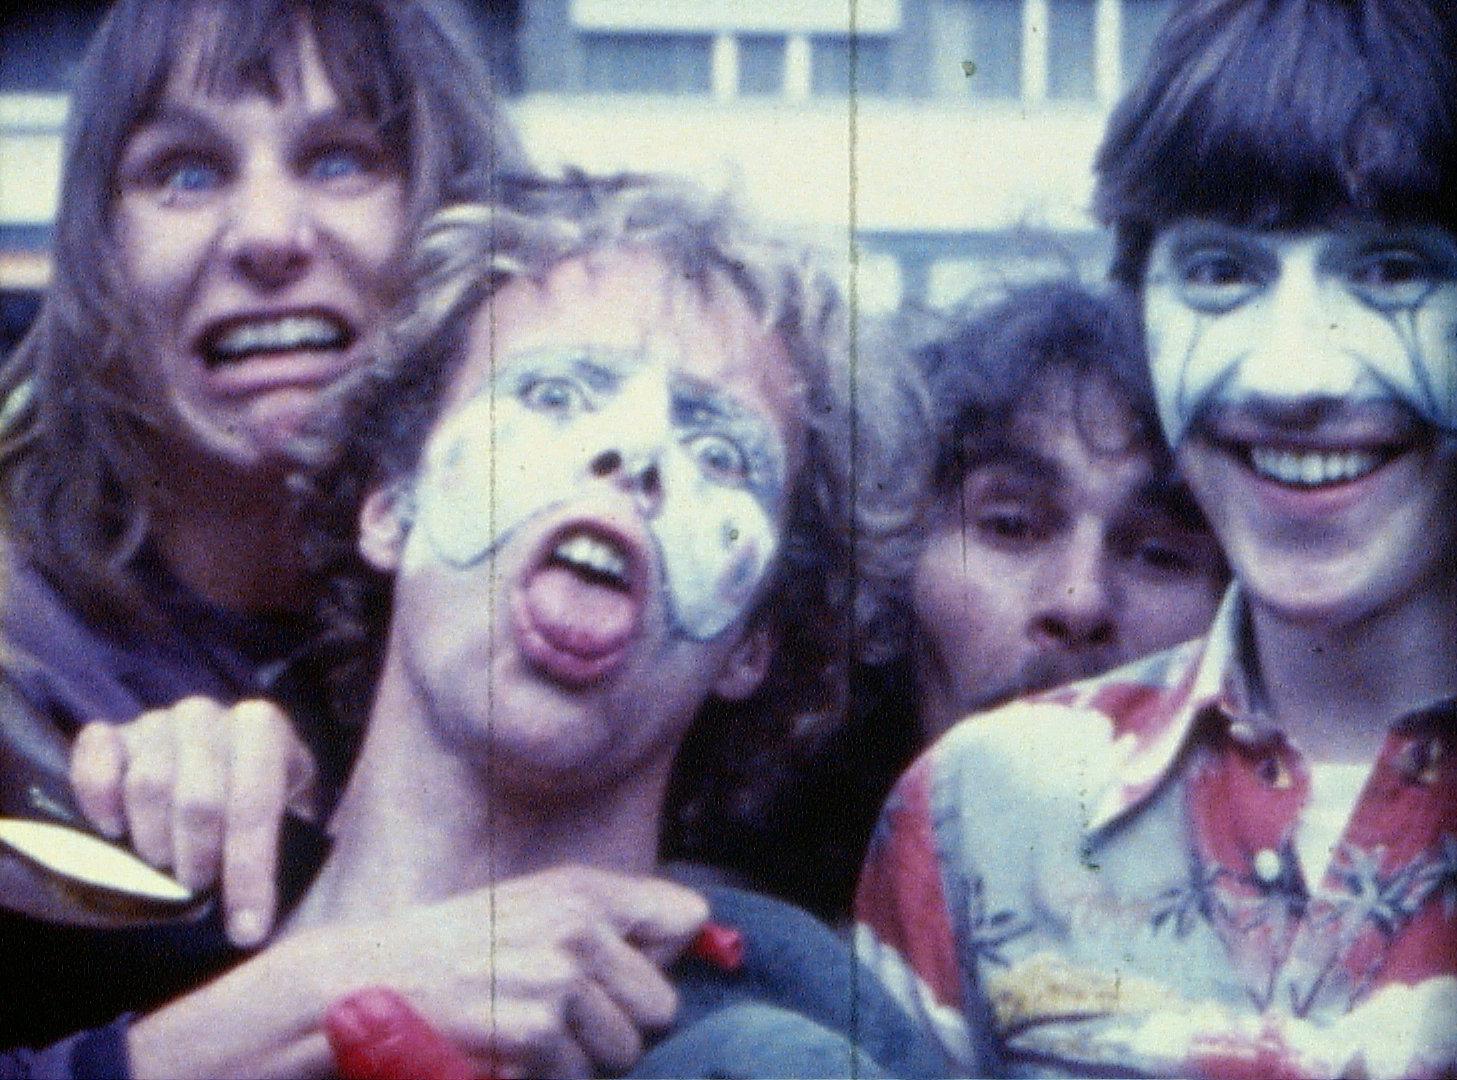 Crazy in den 70ern...